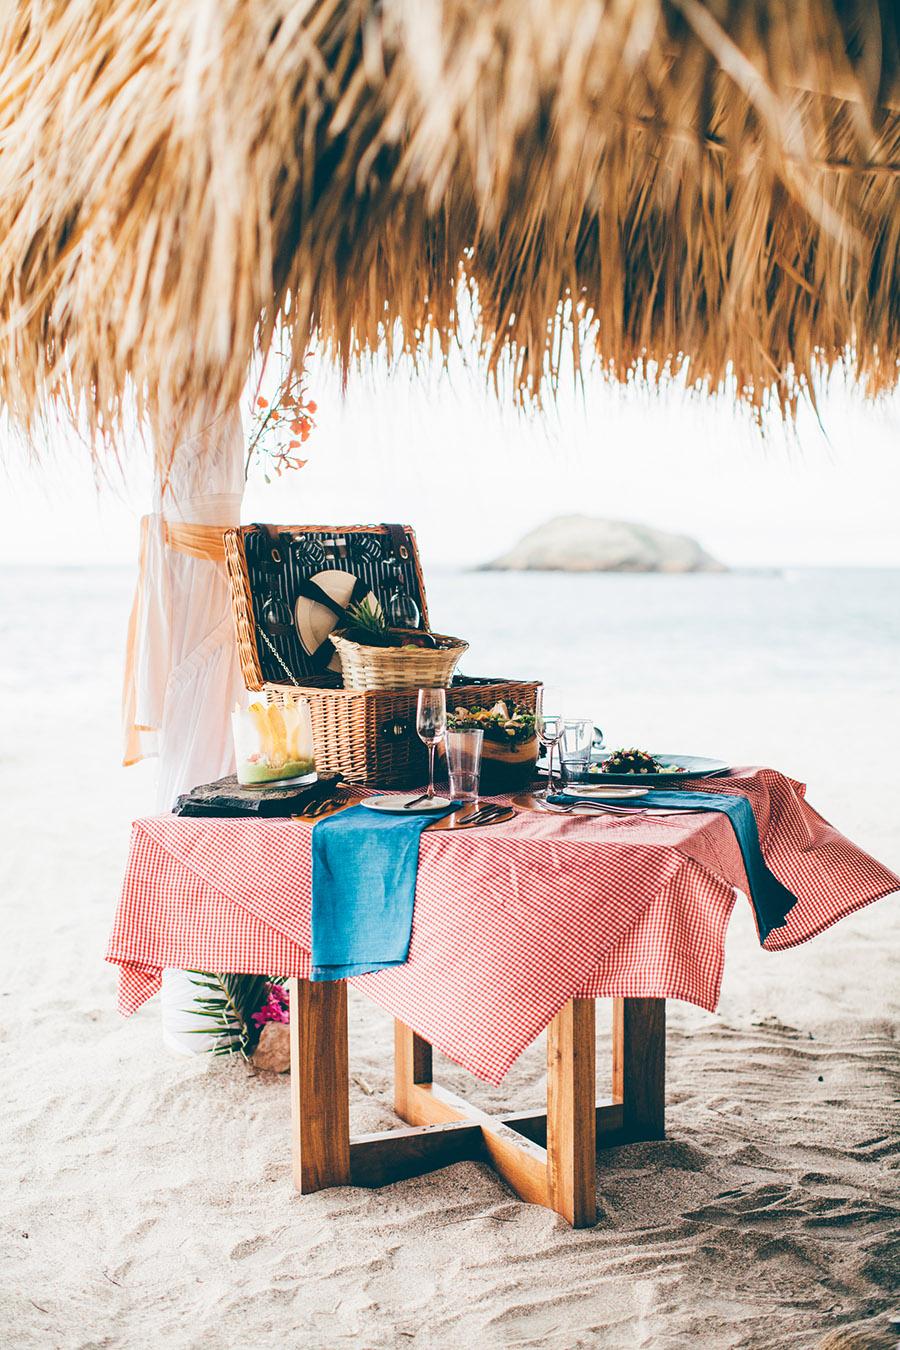 Mukul+Resort+Nicaragua_Guacalito+Picnic_2016-7.jpg